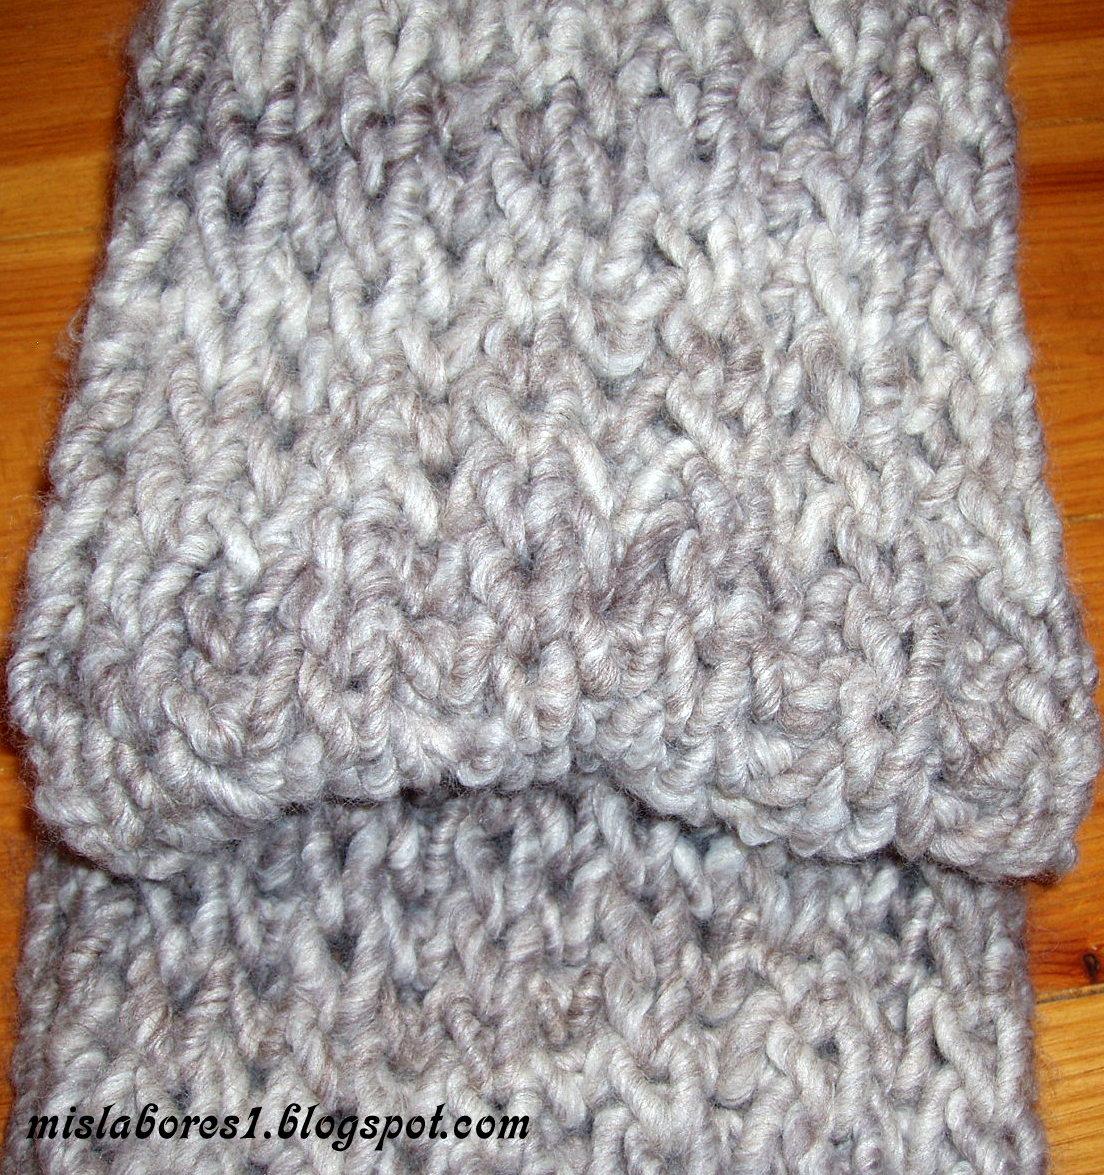 Mis labores cuello de punto ingles - Labores de punto de lana ...